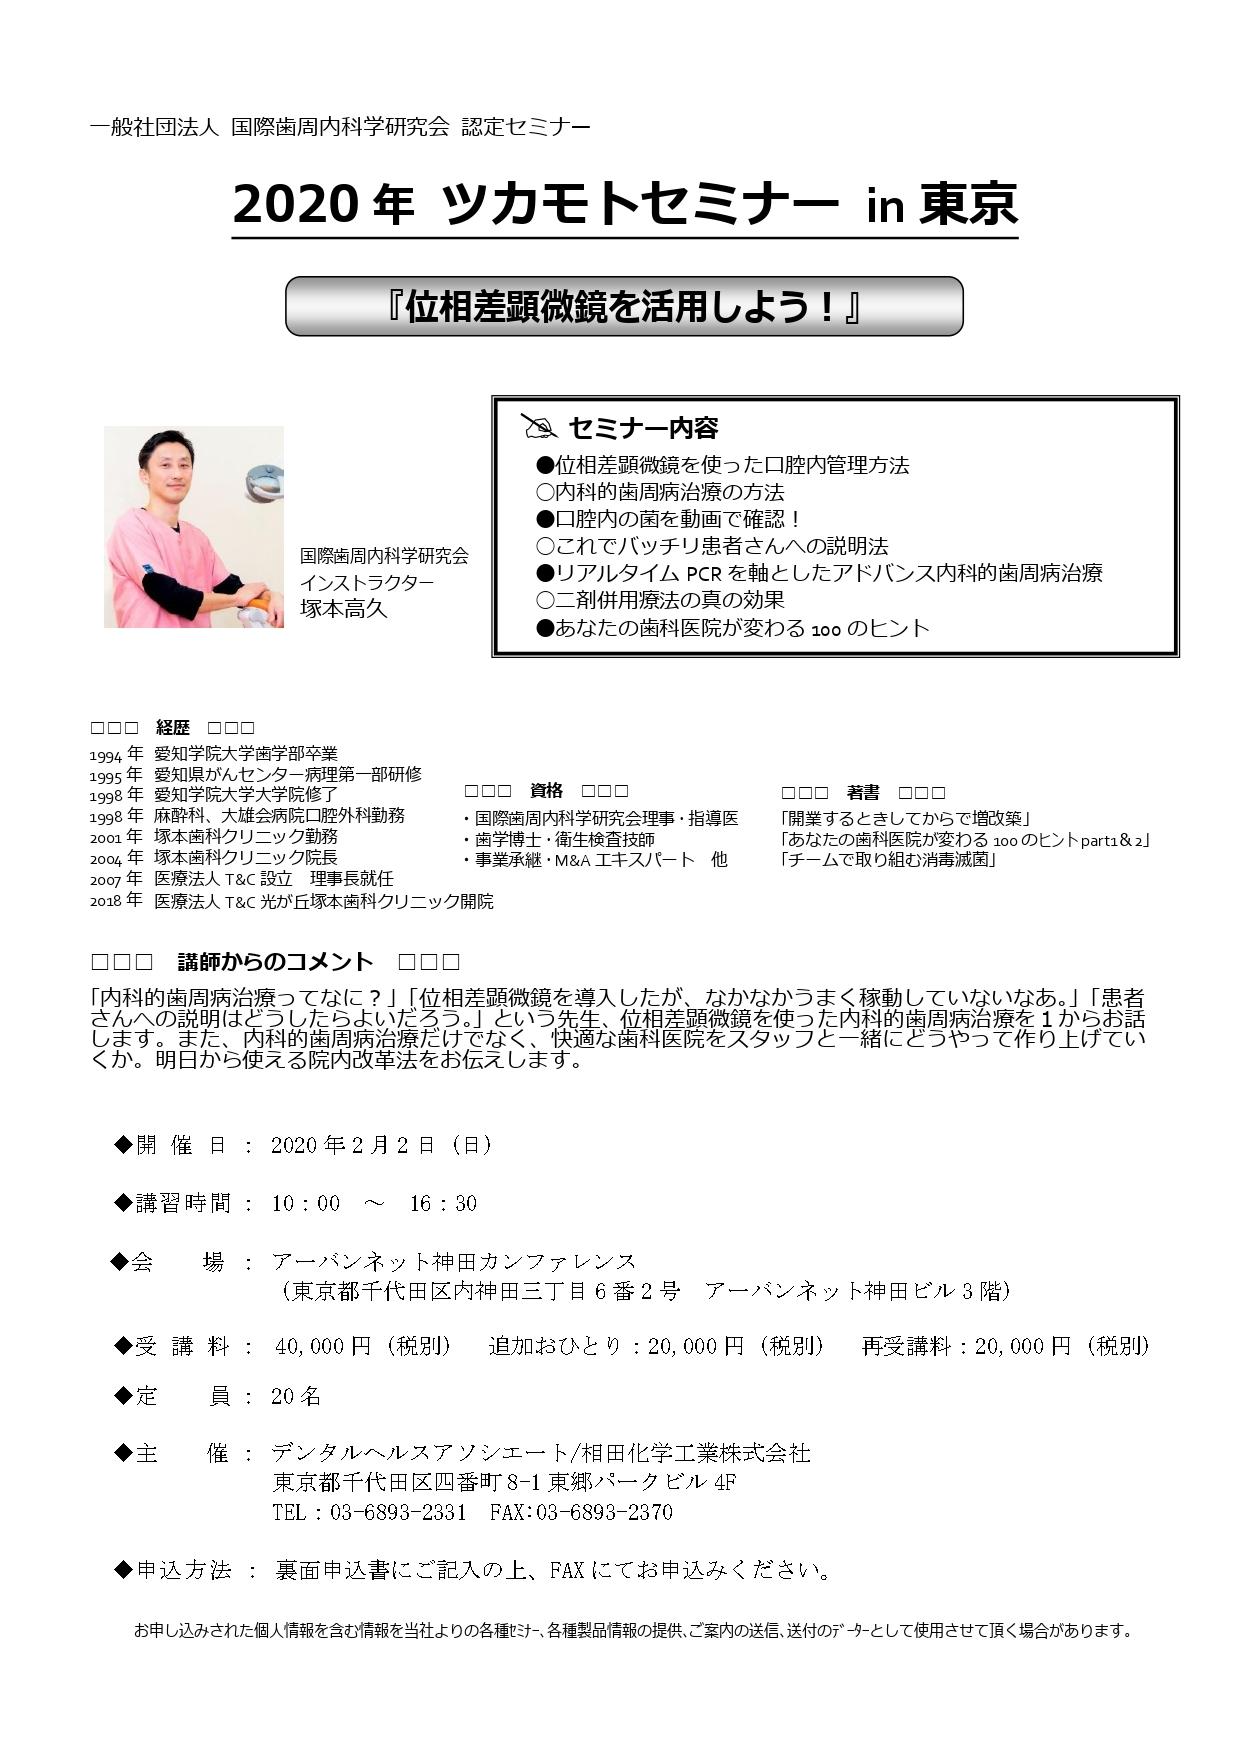 2020年ツカモトセミナーin東京 ~位相差顕微鏡を活用しよう!~